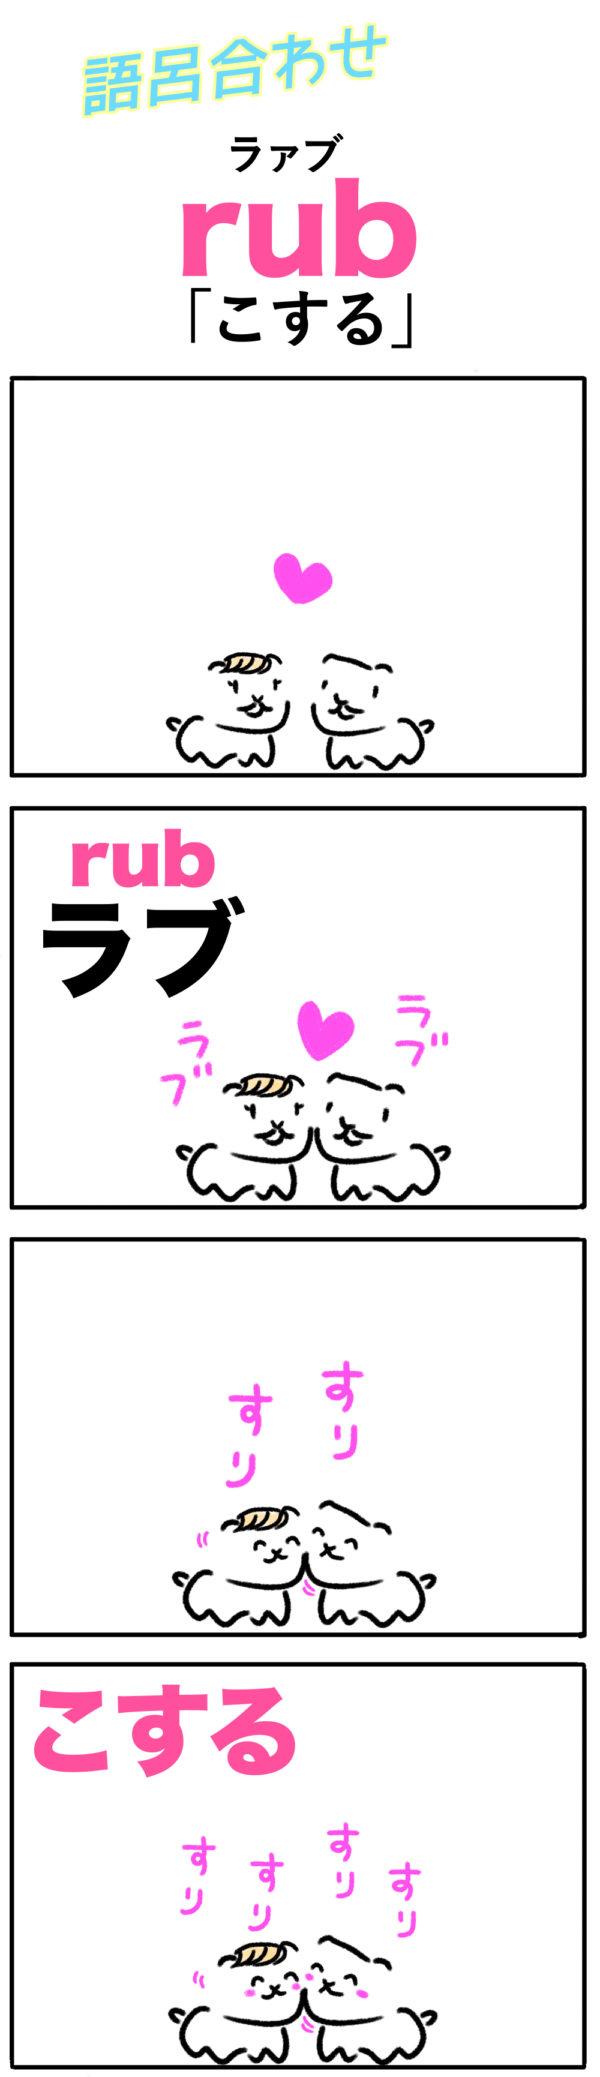 rubの覚え方